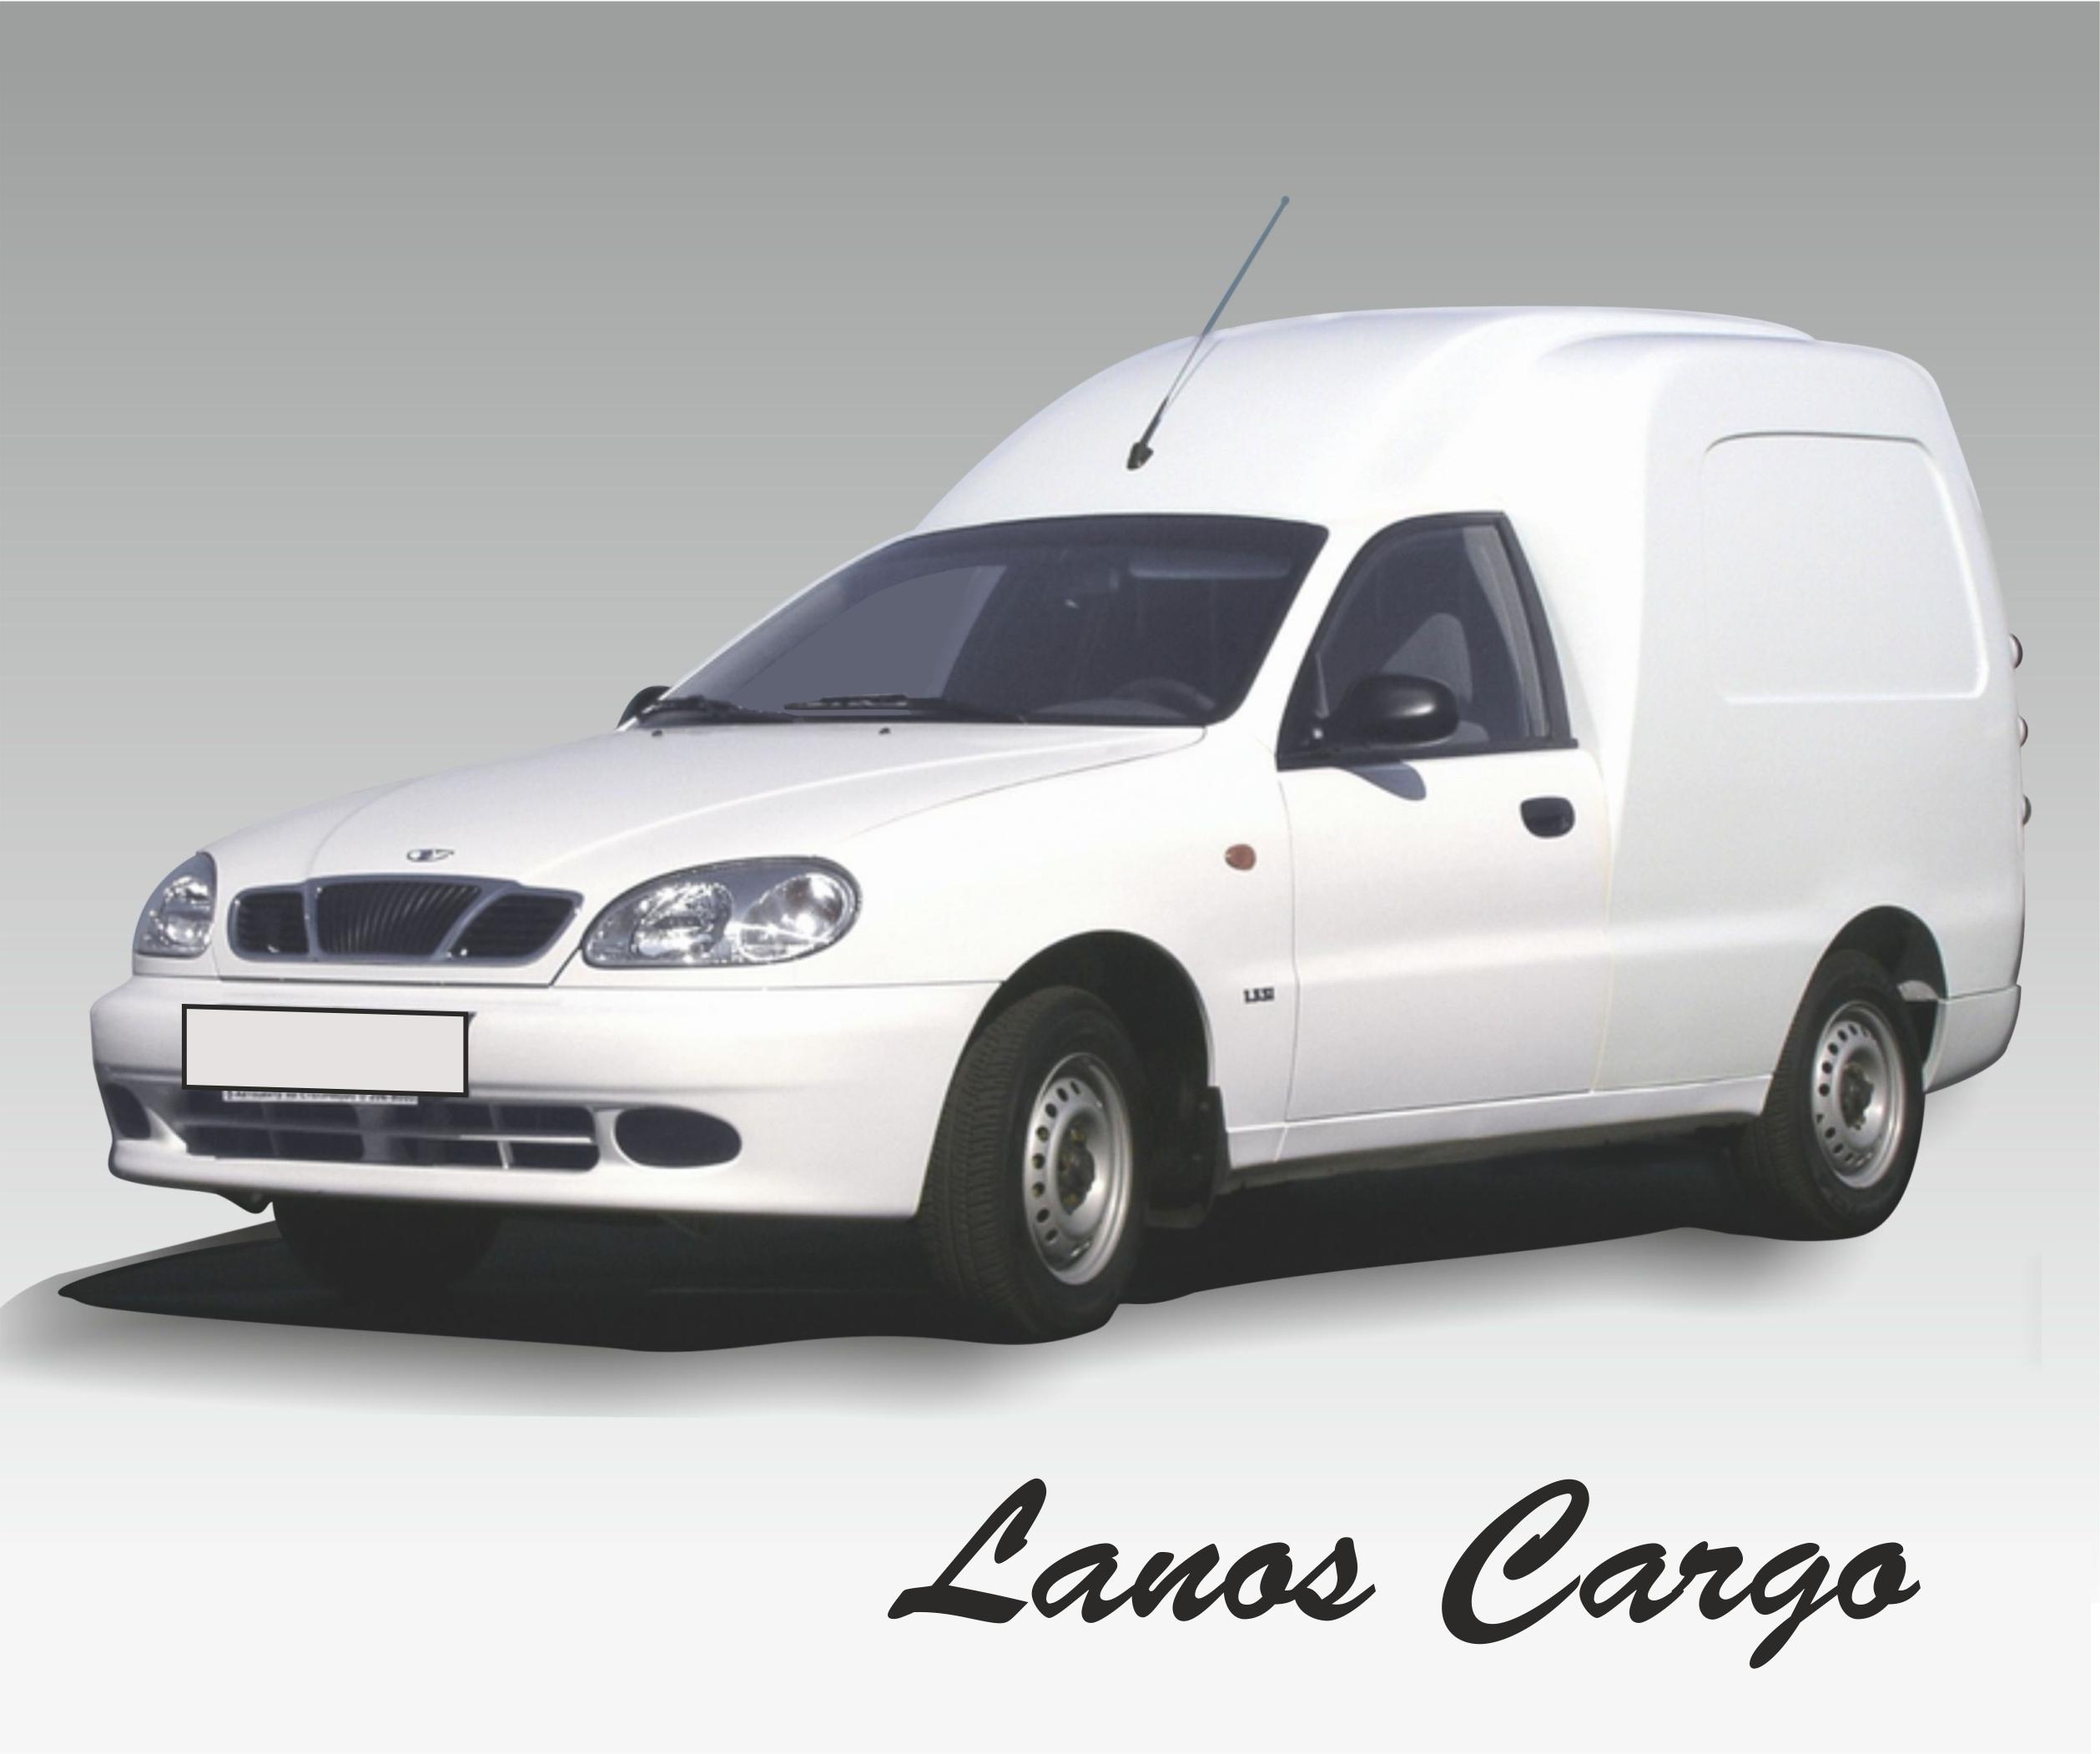 ланос карго автомобіль